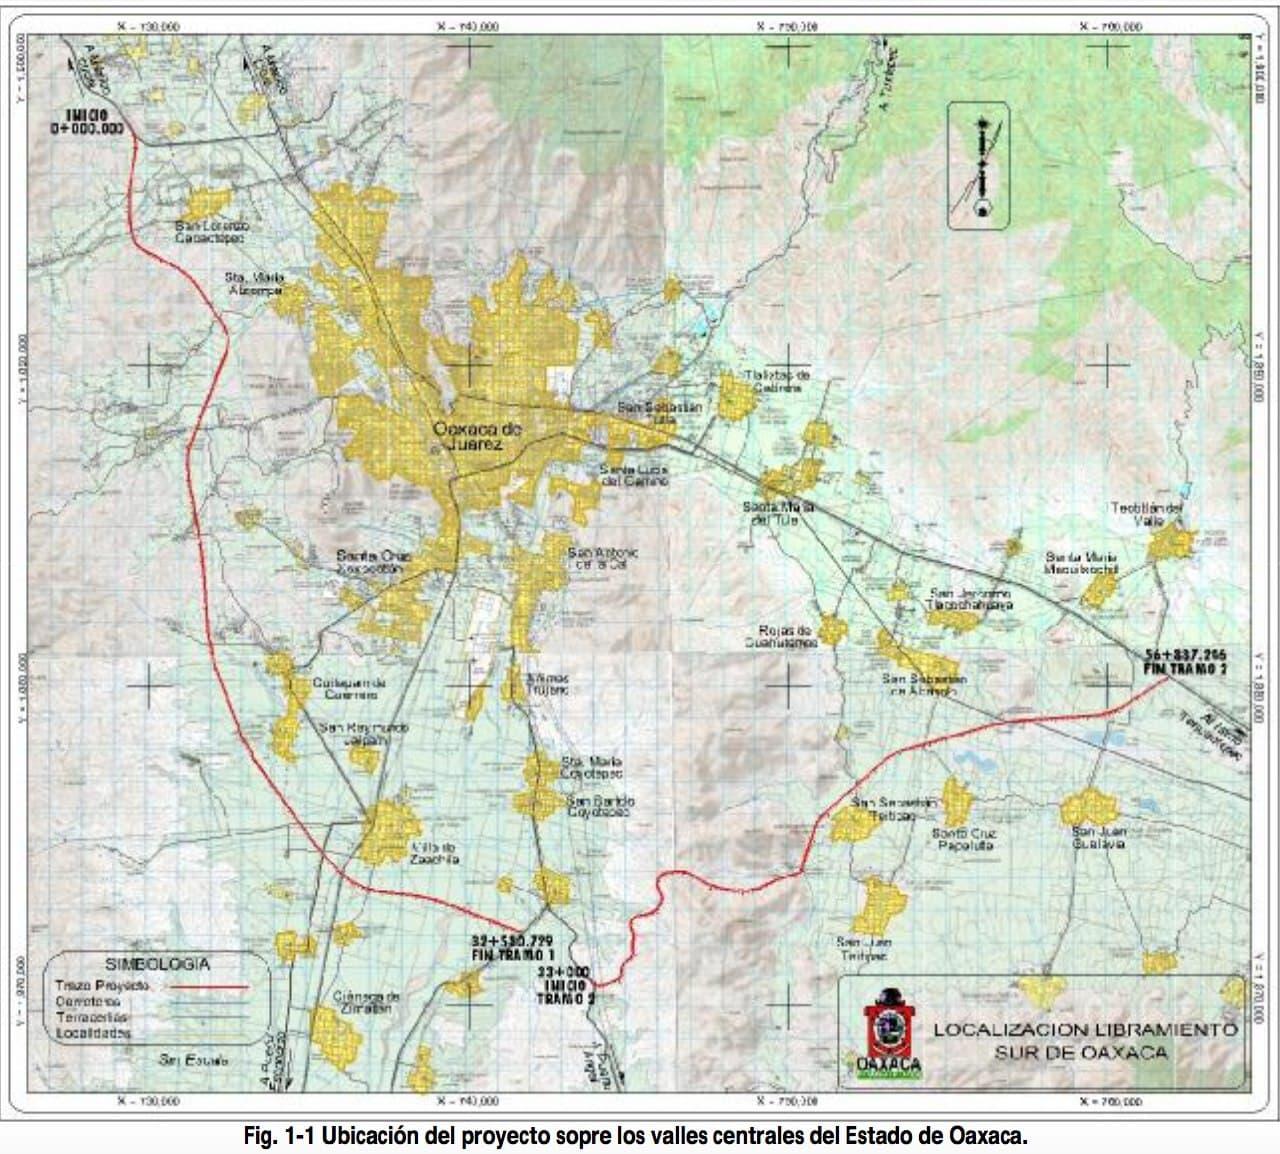 Estado mexicano revive el Libramiento Sur: la ruta del despojo en los valles centrales de Oaxaca